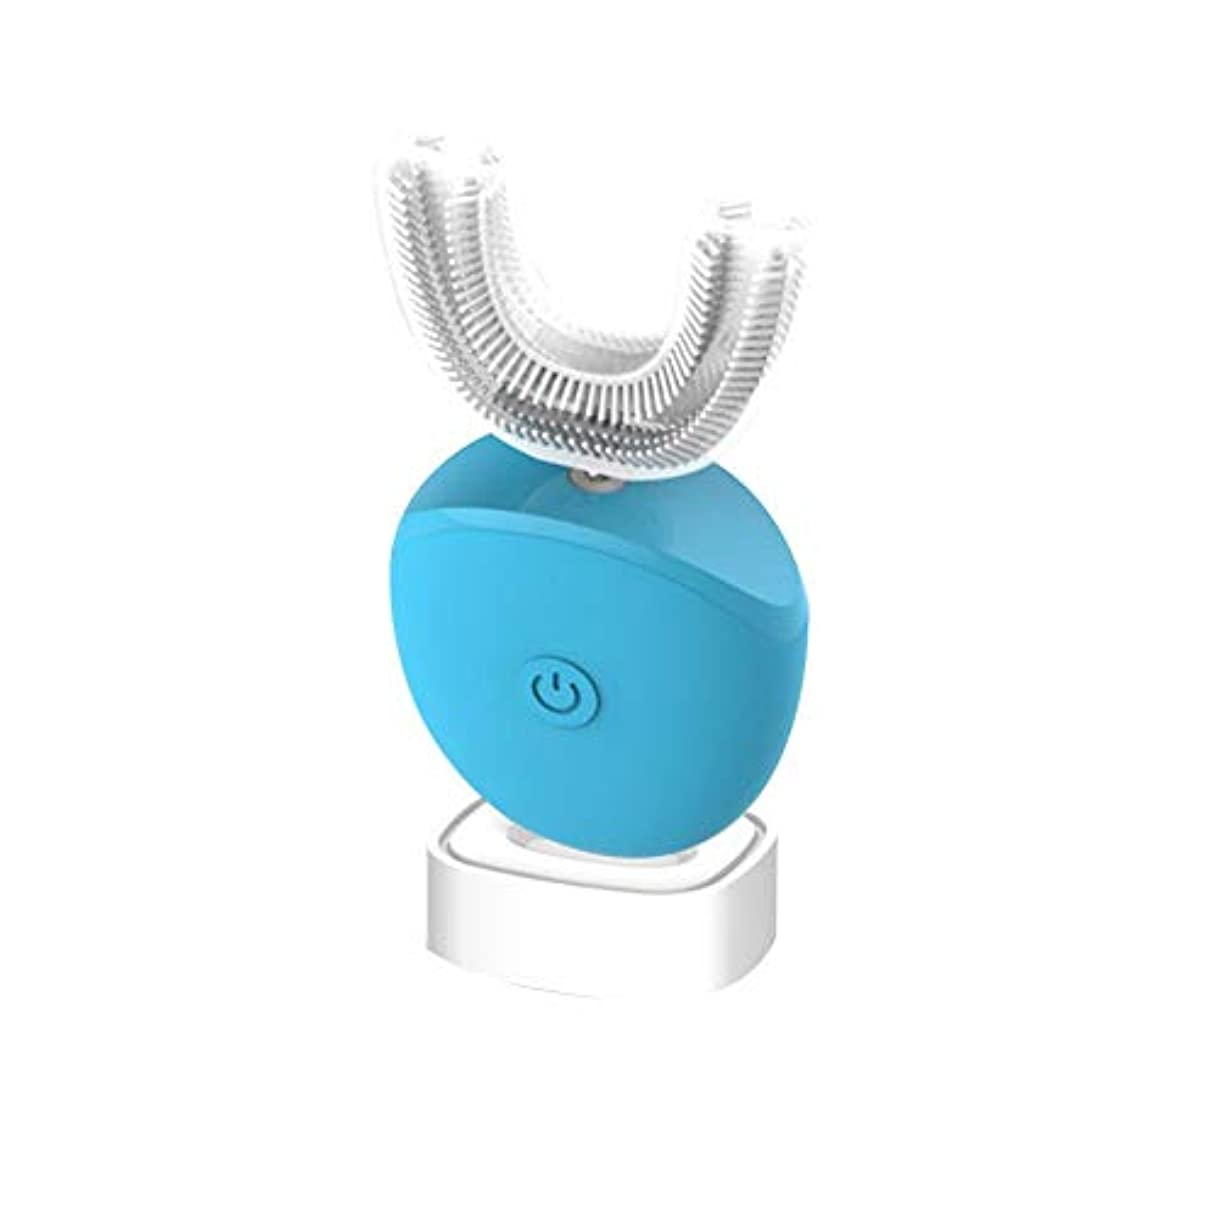 国盗賊校長フルオートマチック可変周波数電動歯ブラシ、自動360度U字型電動歯ブラシ、ワイヤレス充電IPX7防水自動歯ブラシ(大人用),Blue